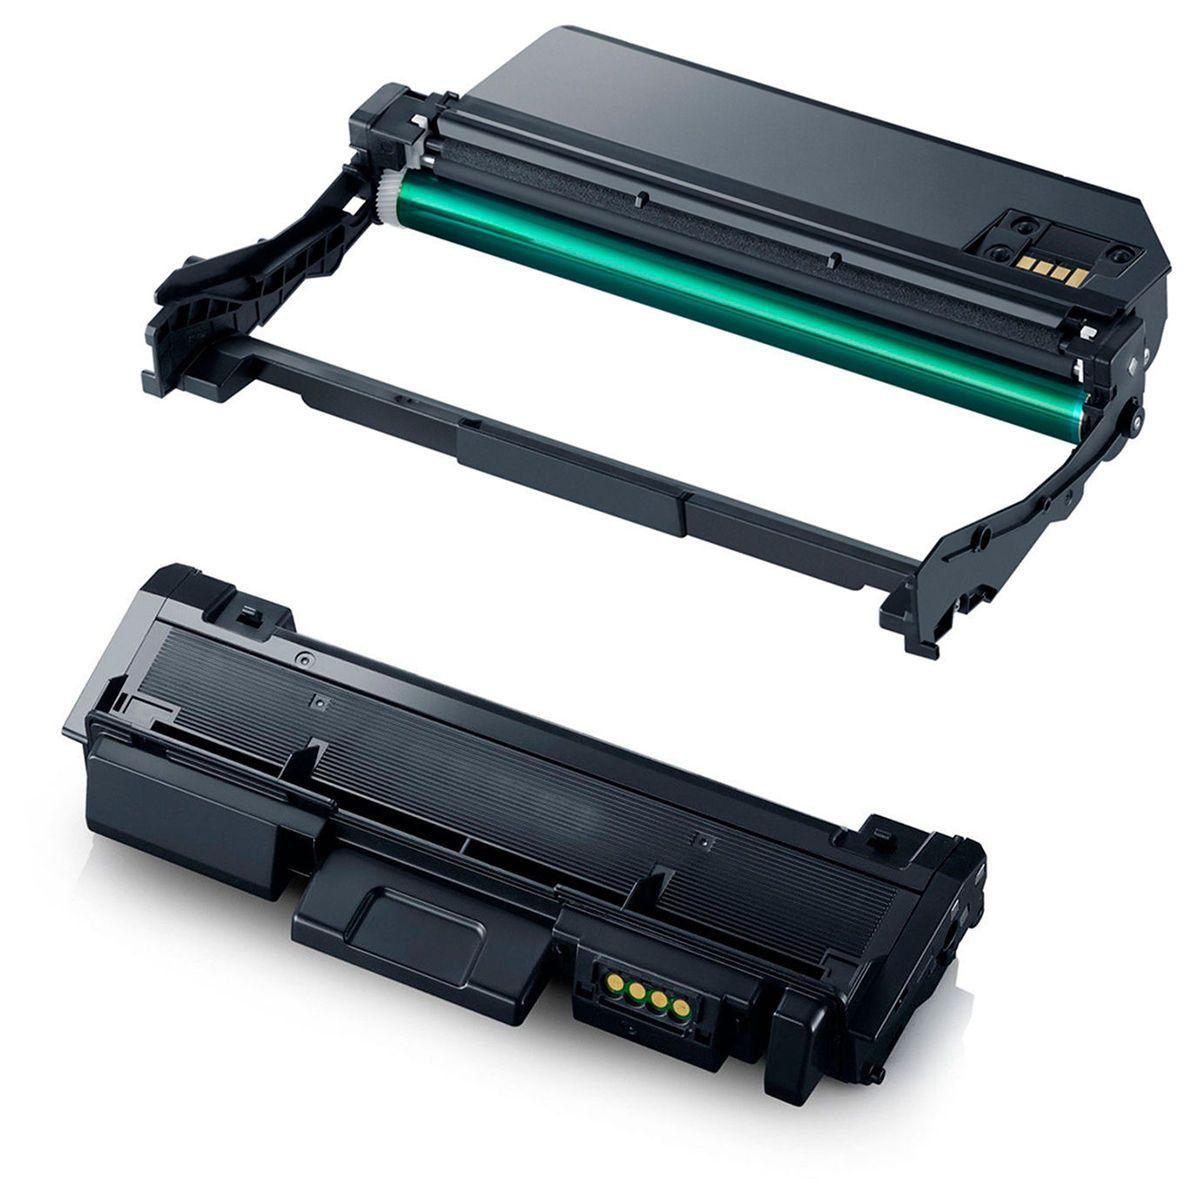 Compatível: Combo Cartucho de Cilindro R116 + Toner D116S D116 para Samsung M2825 M2825dw M2875w M2875fw M2885fw 2885fw